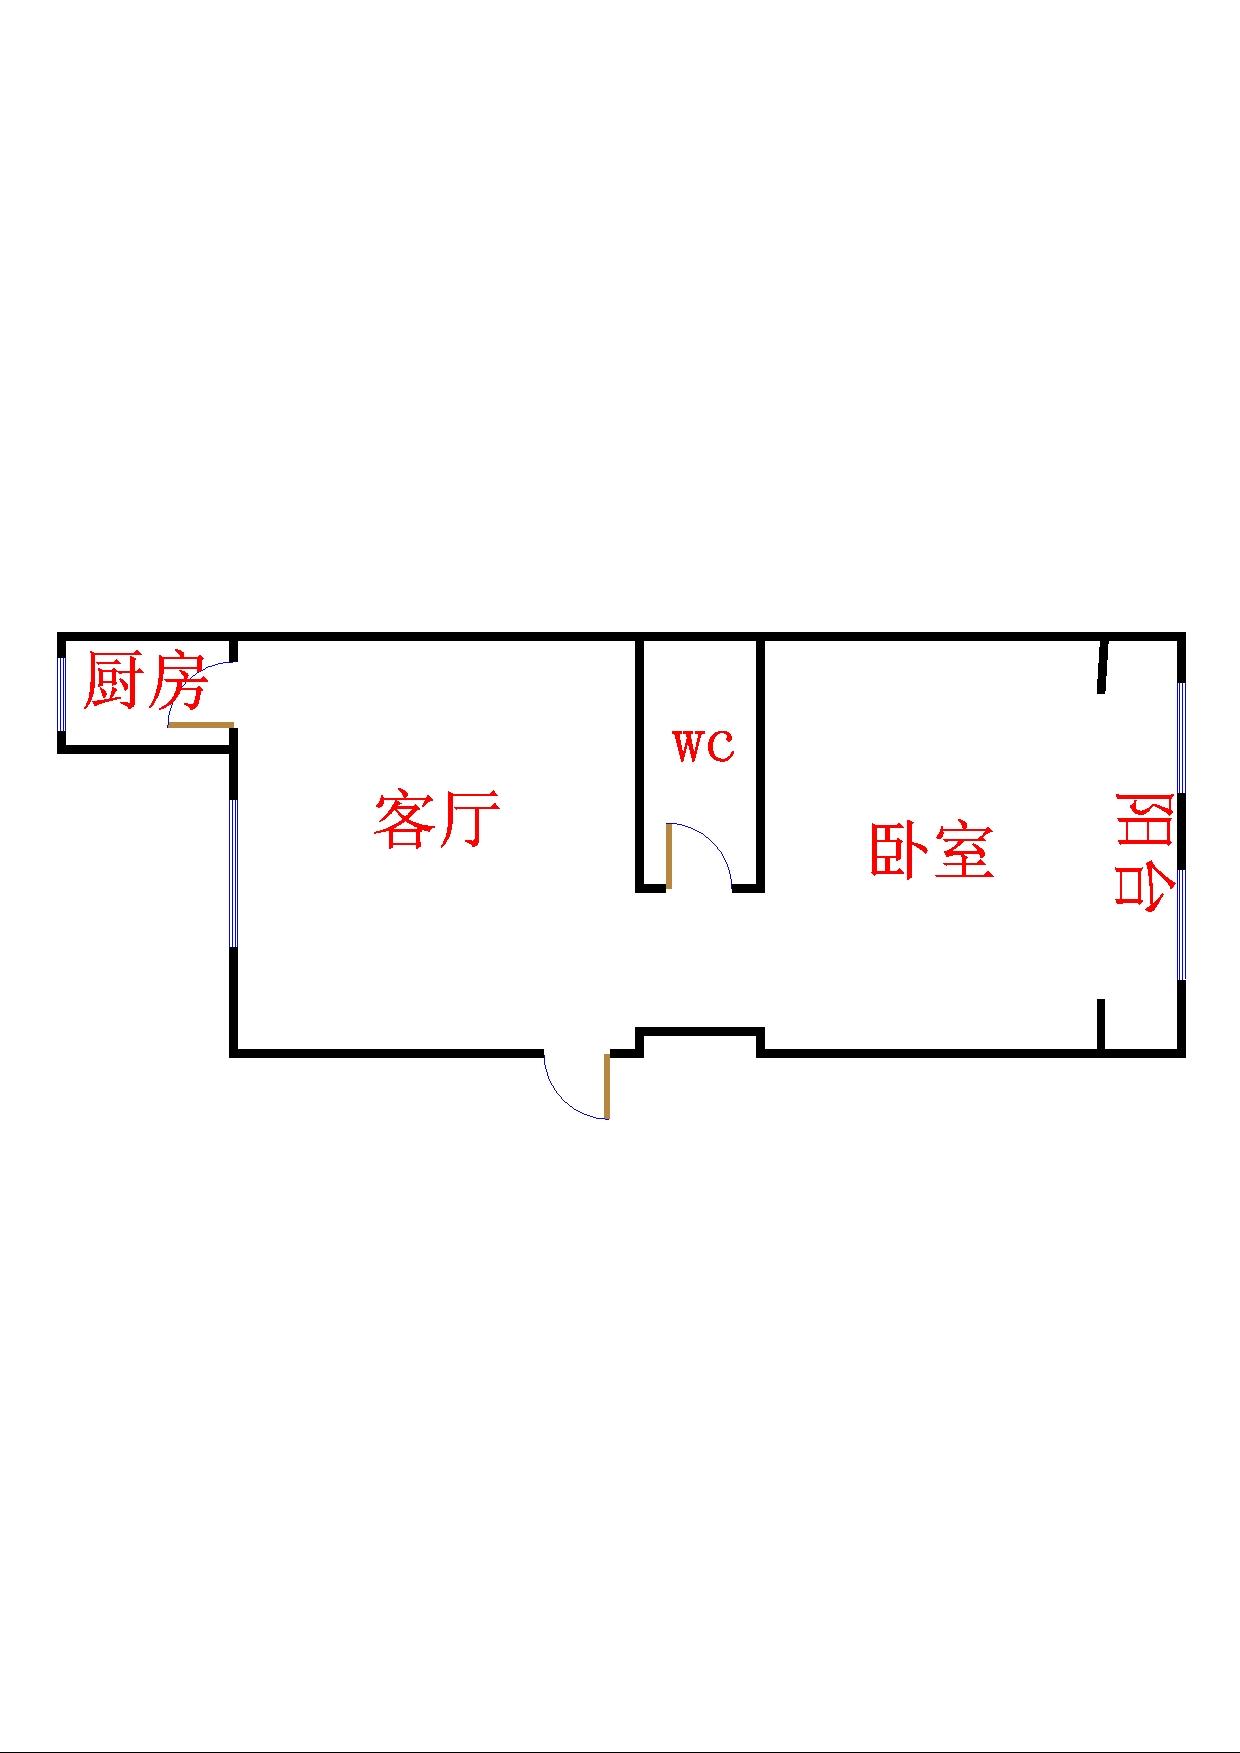 东风家园 1室1厅  简装 40万